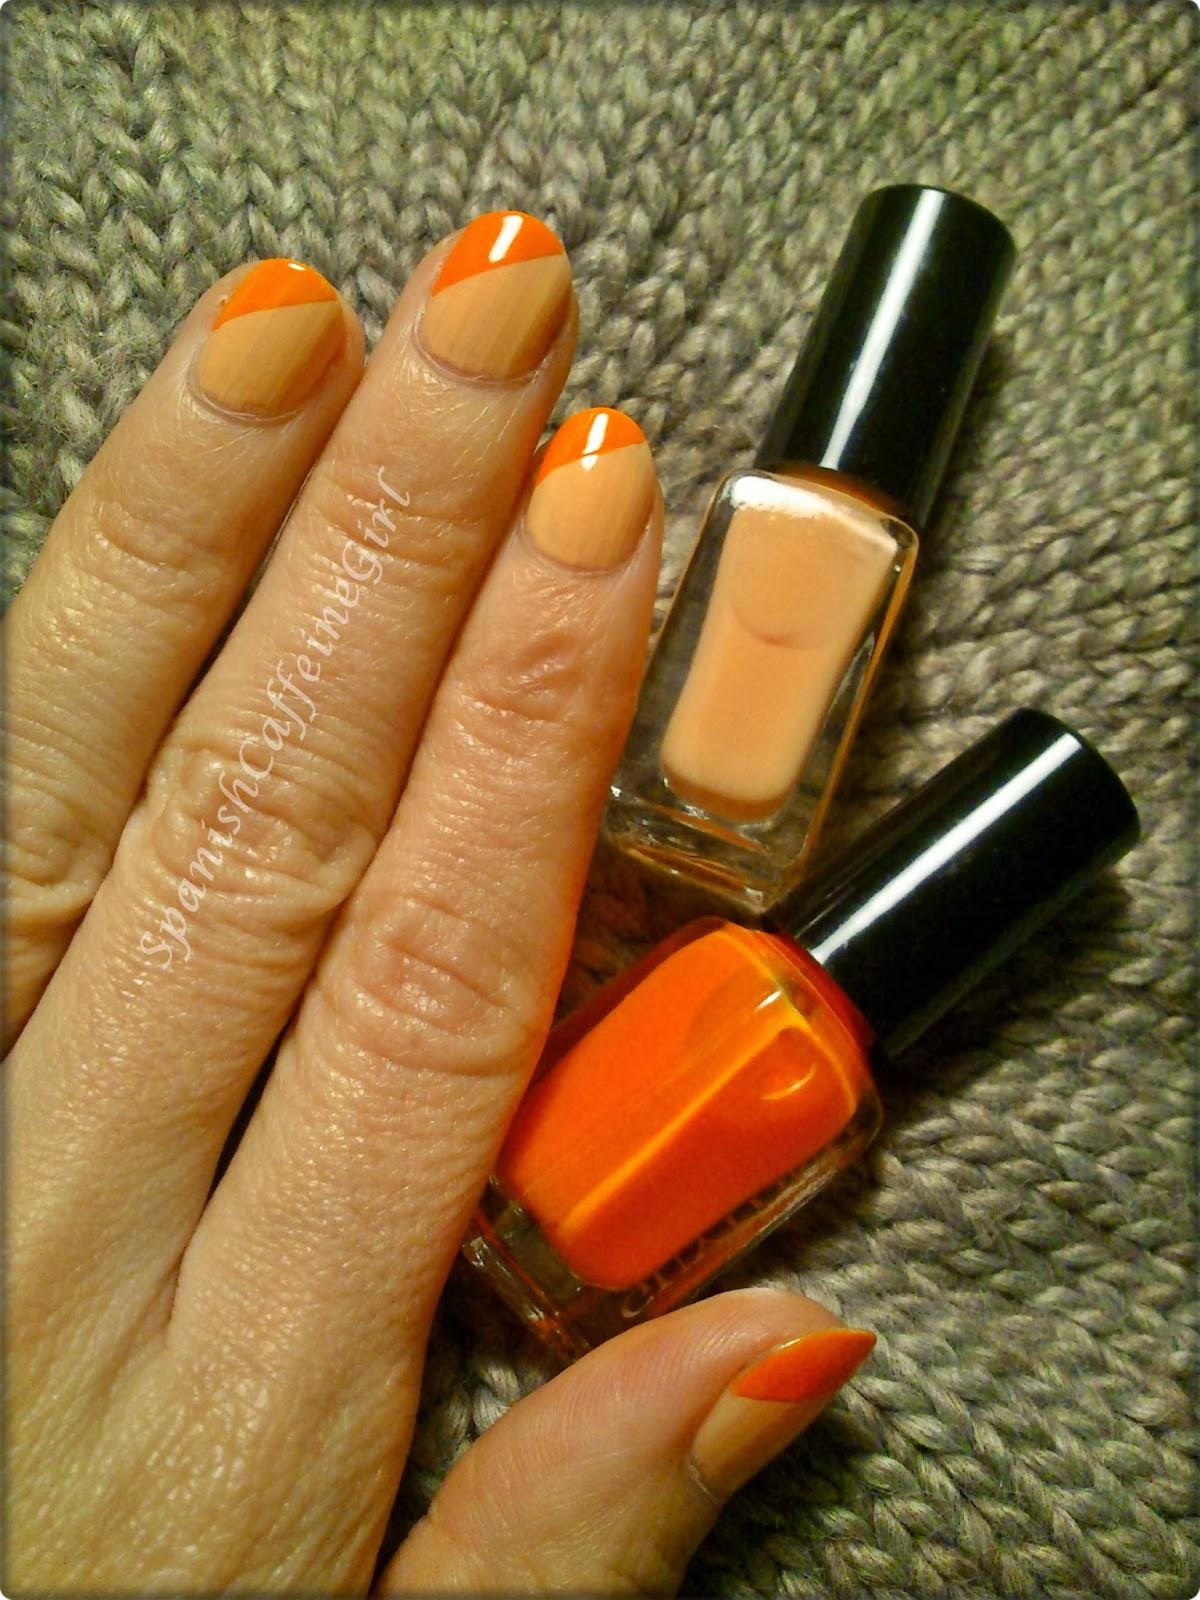 uñas con una capa de esmalte naranja claro y otra naranja